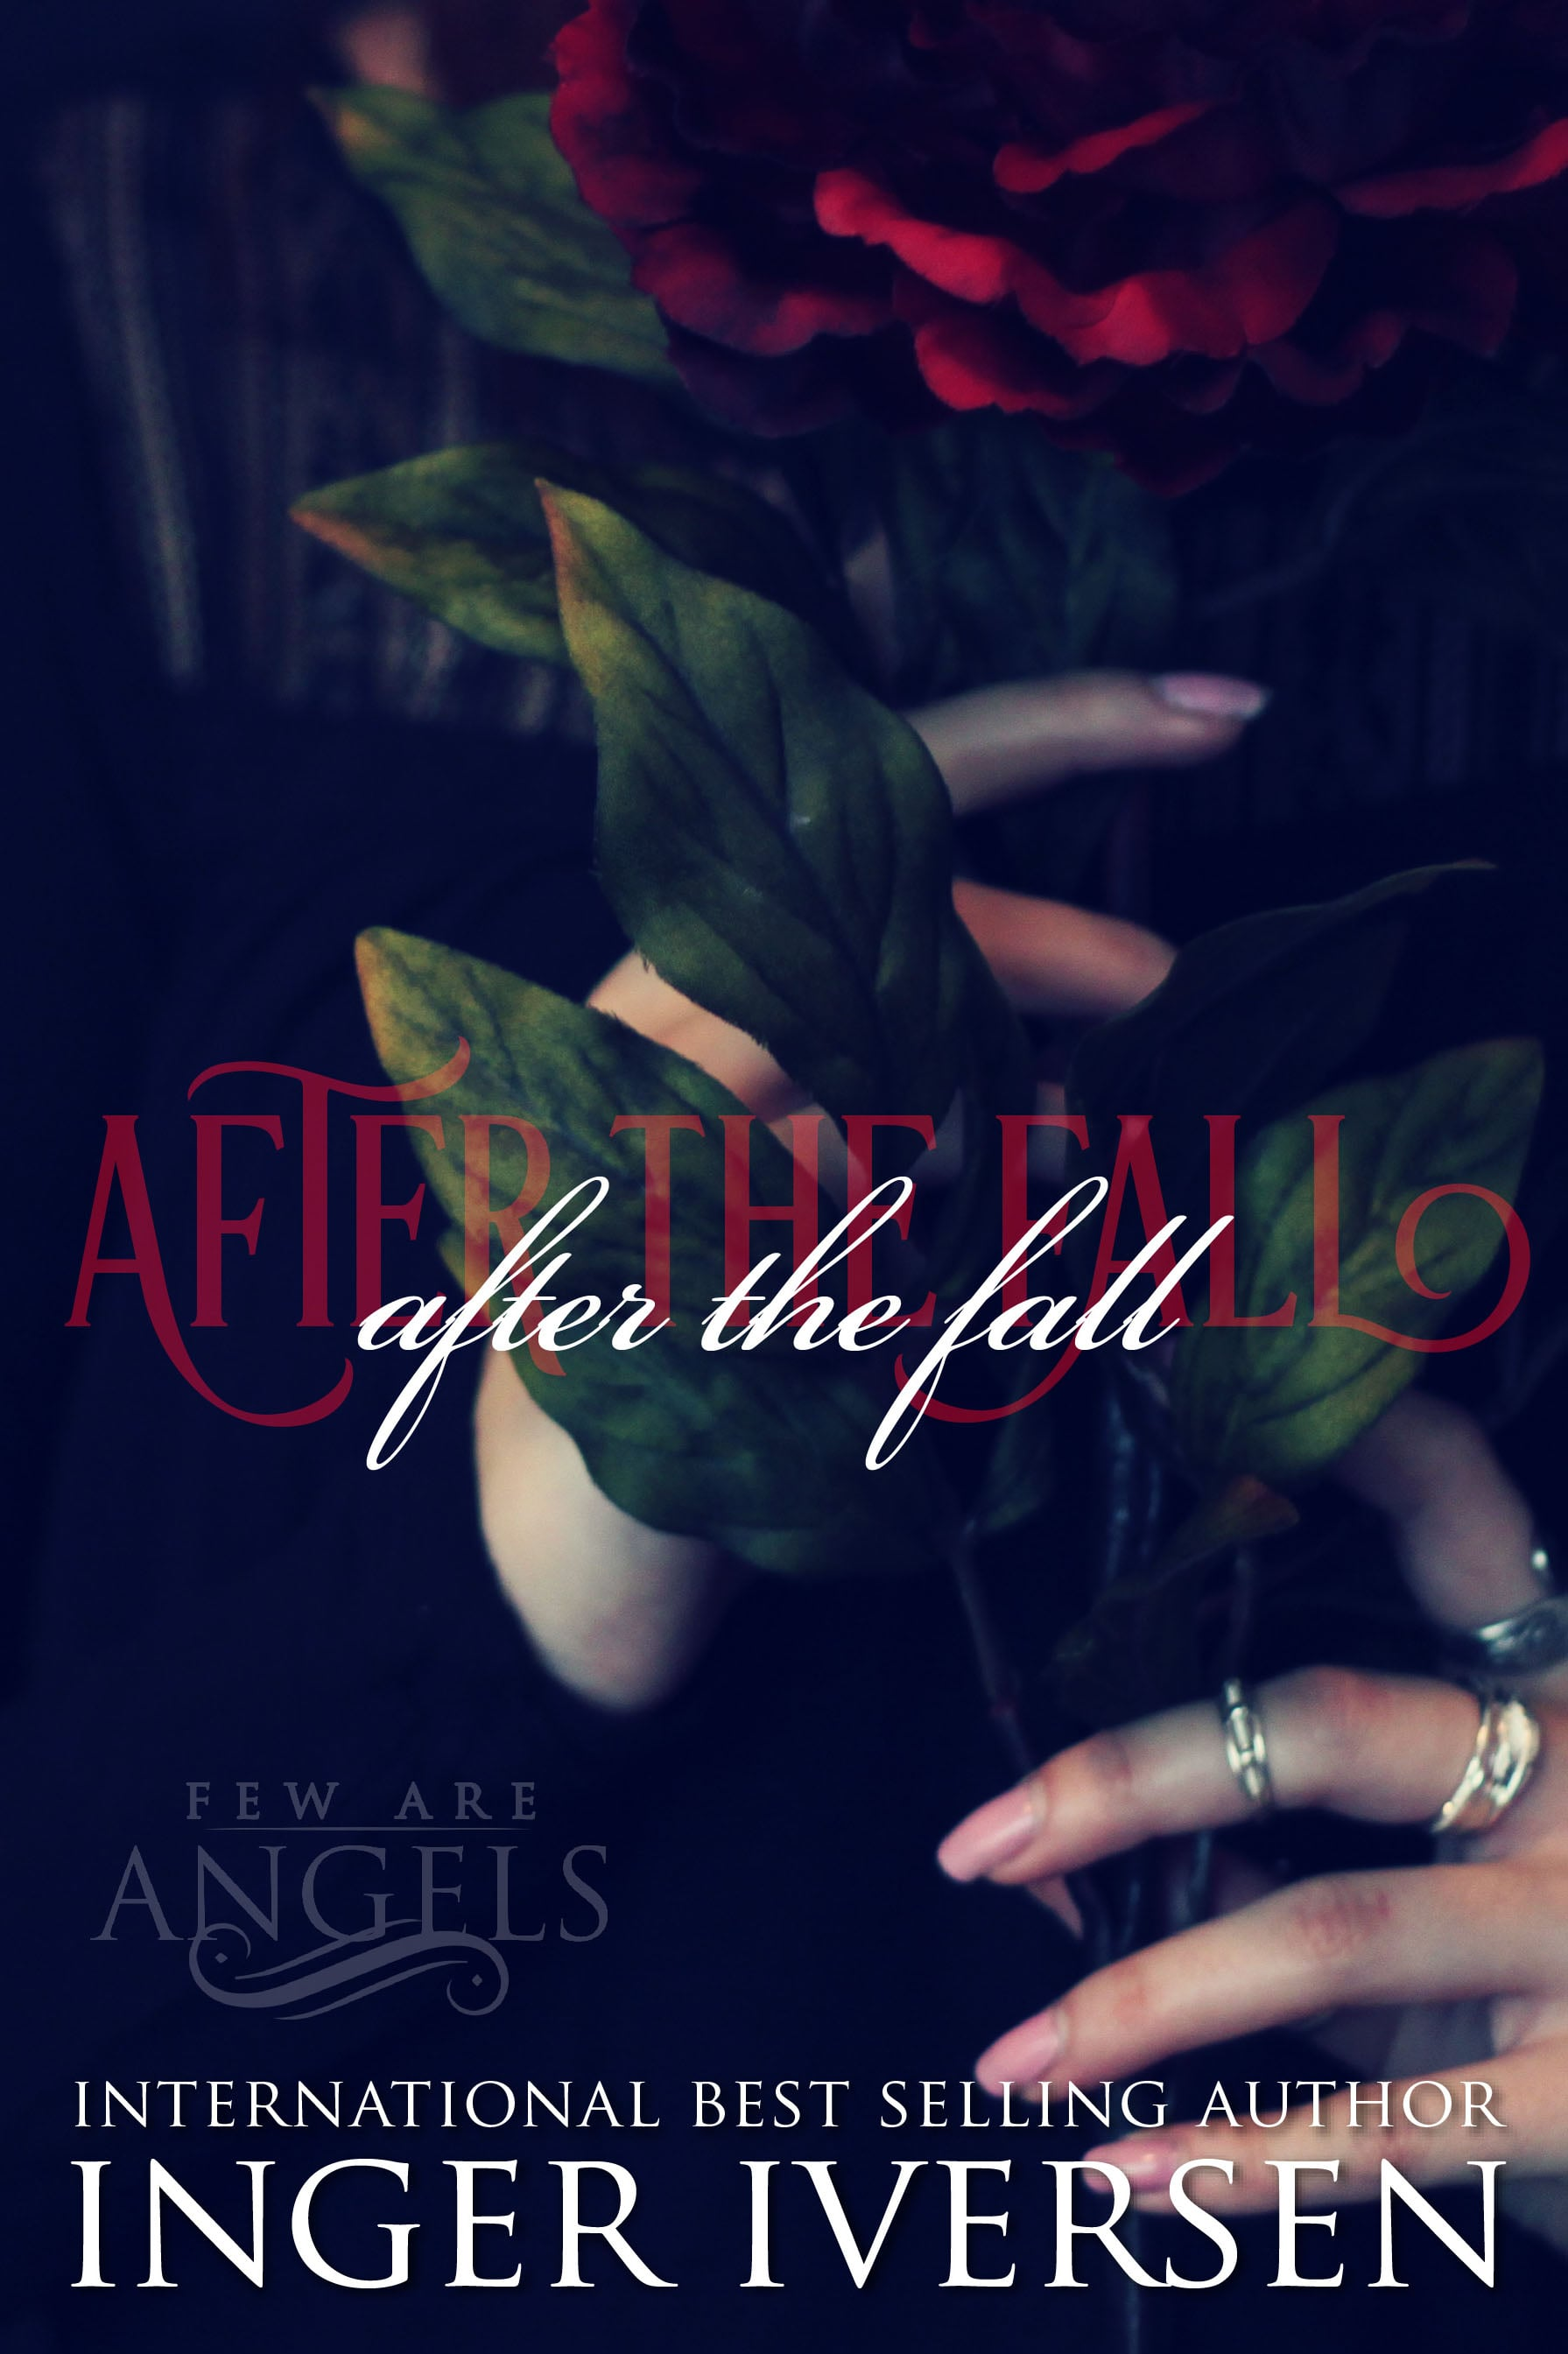 AfterTheFall.jpg